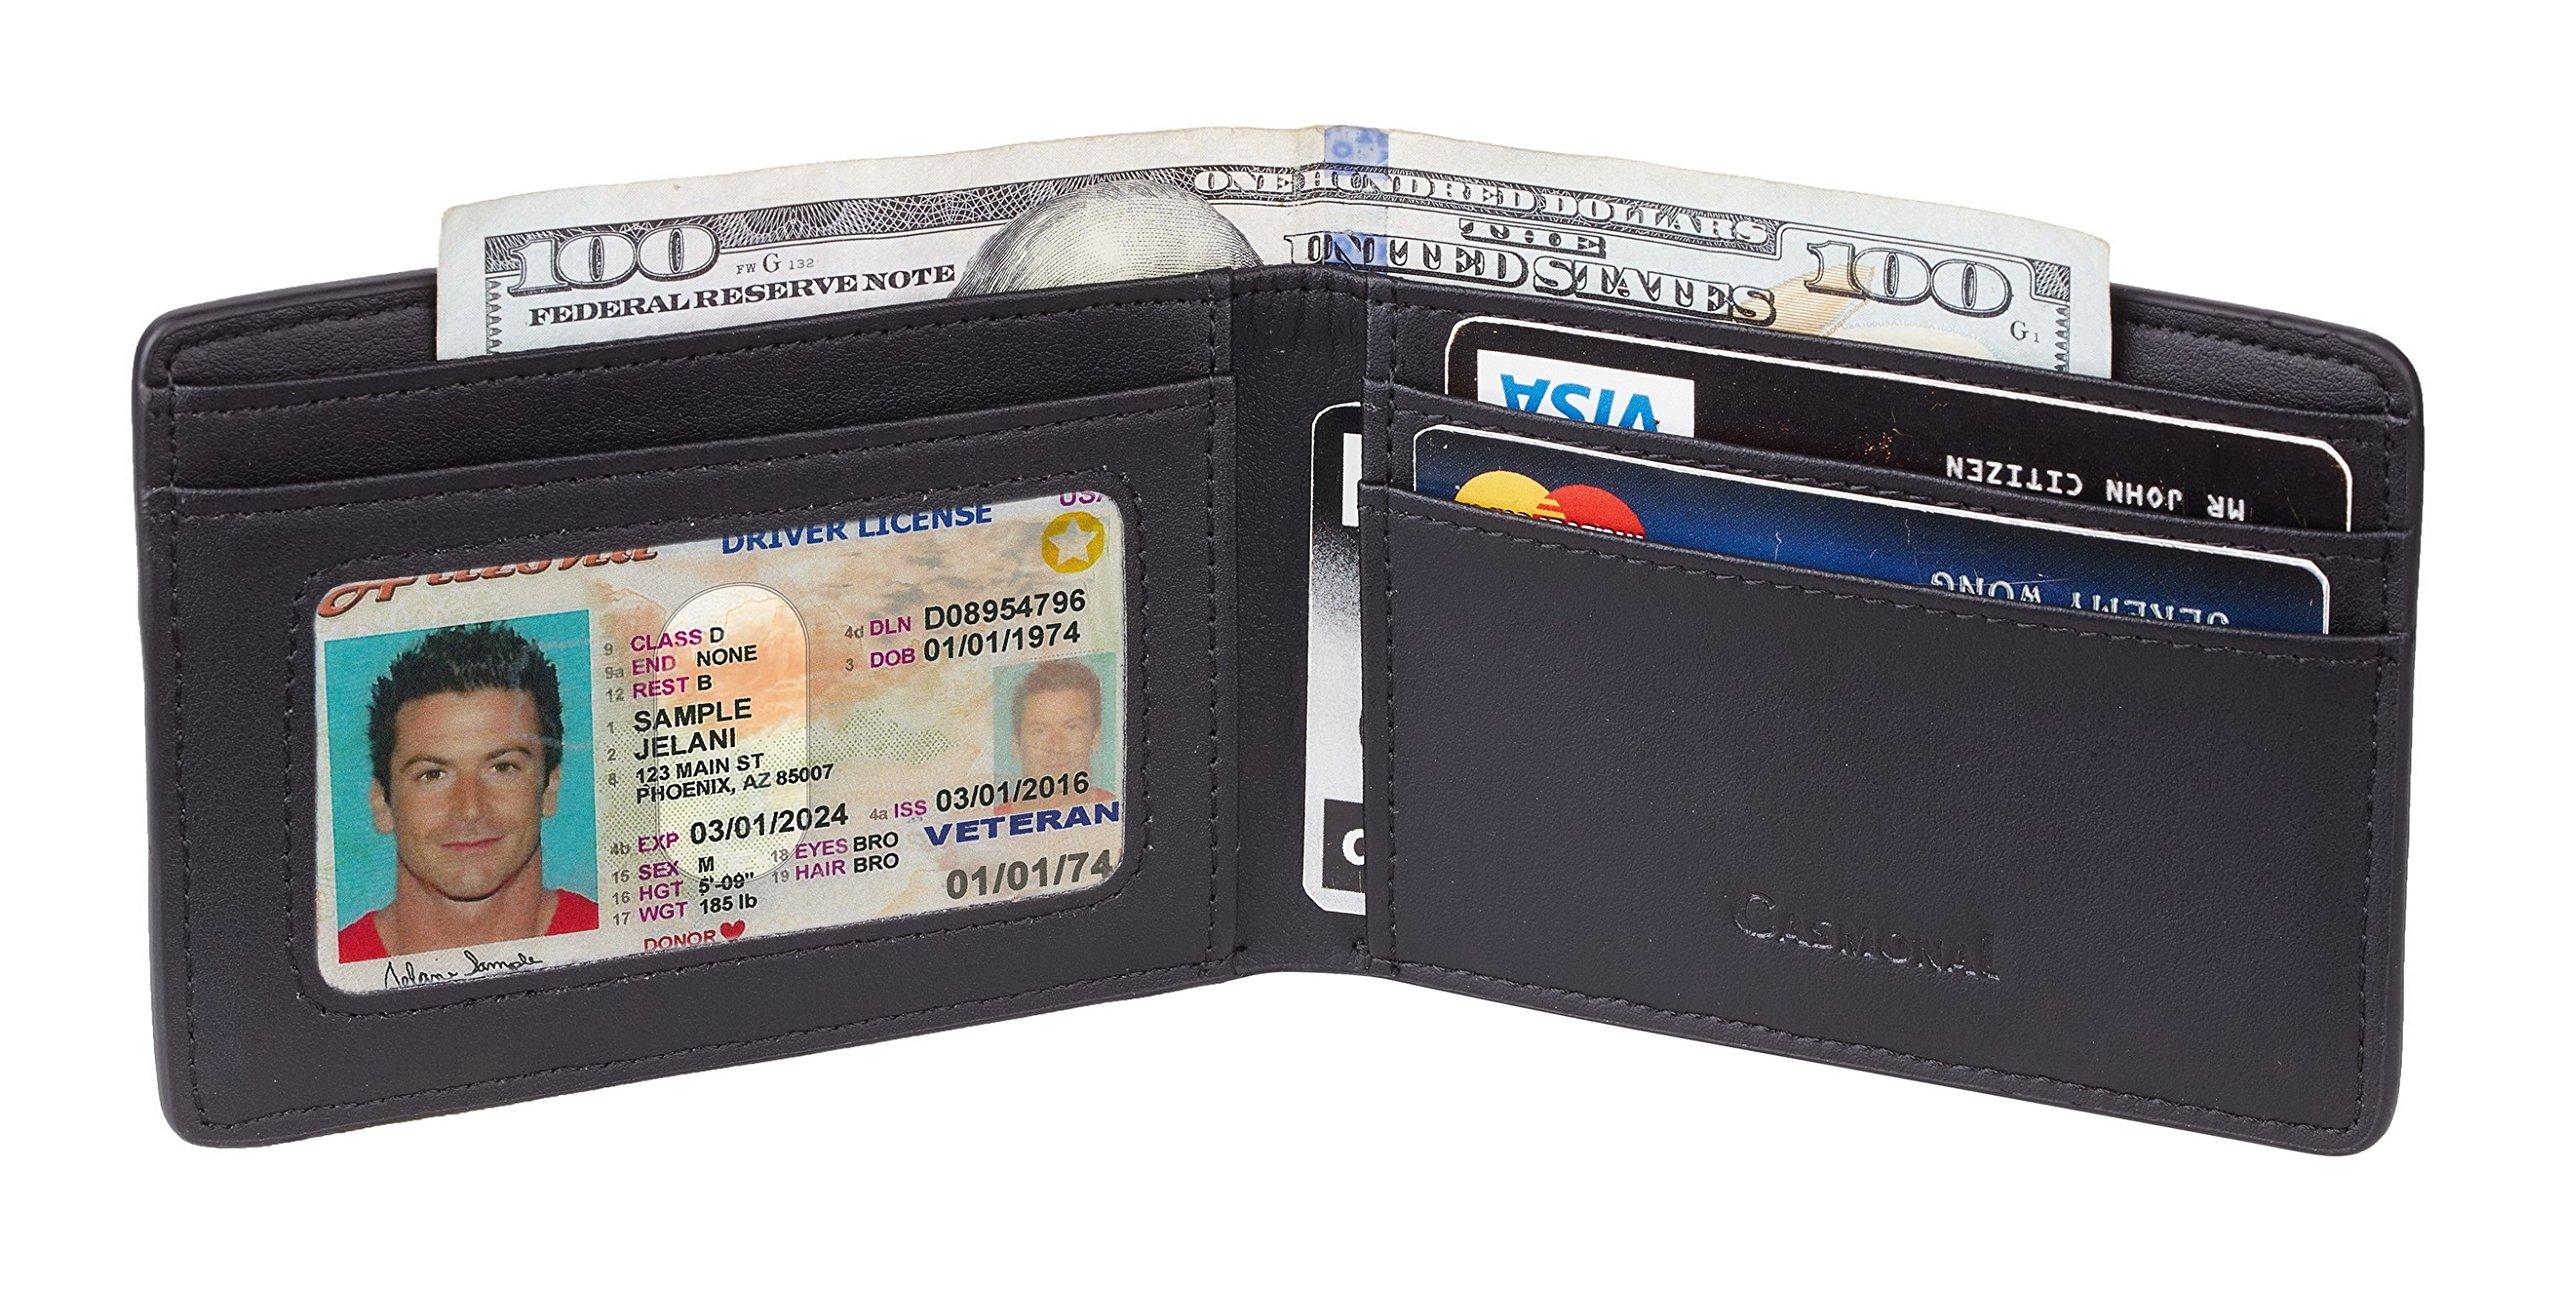 Casmonal Mens Leather Wallet Slim Front Pocket Wallet Billfold RFID Blocking (carbon fiber leather black) by Casmonal (Image #3)